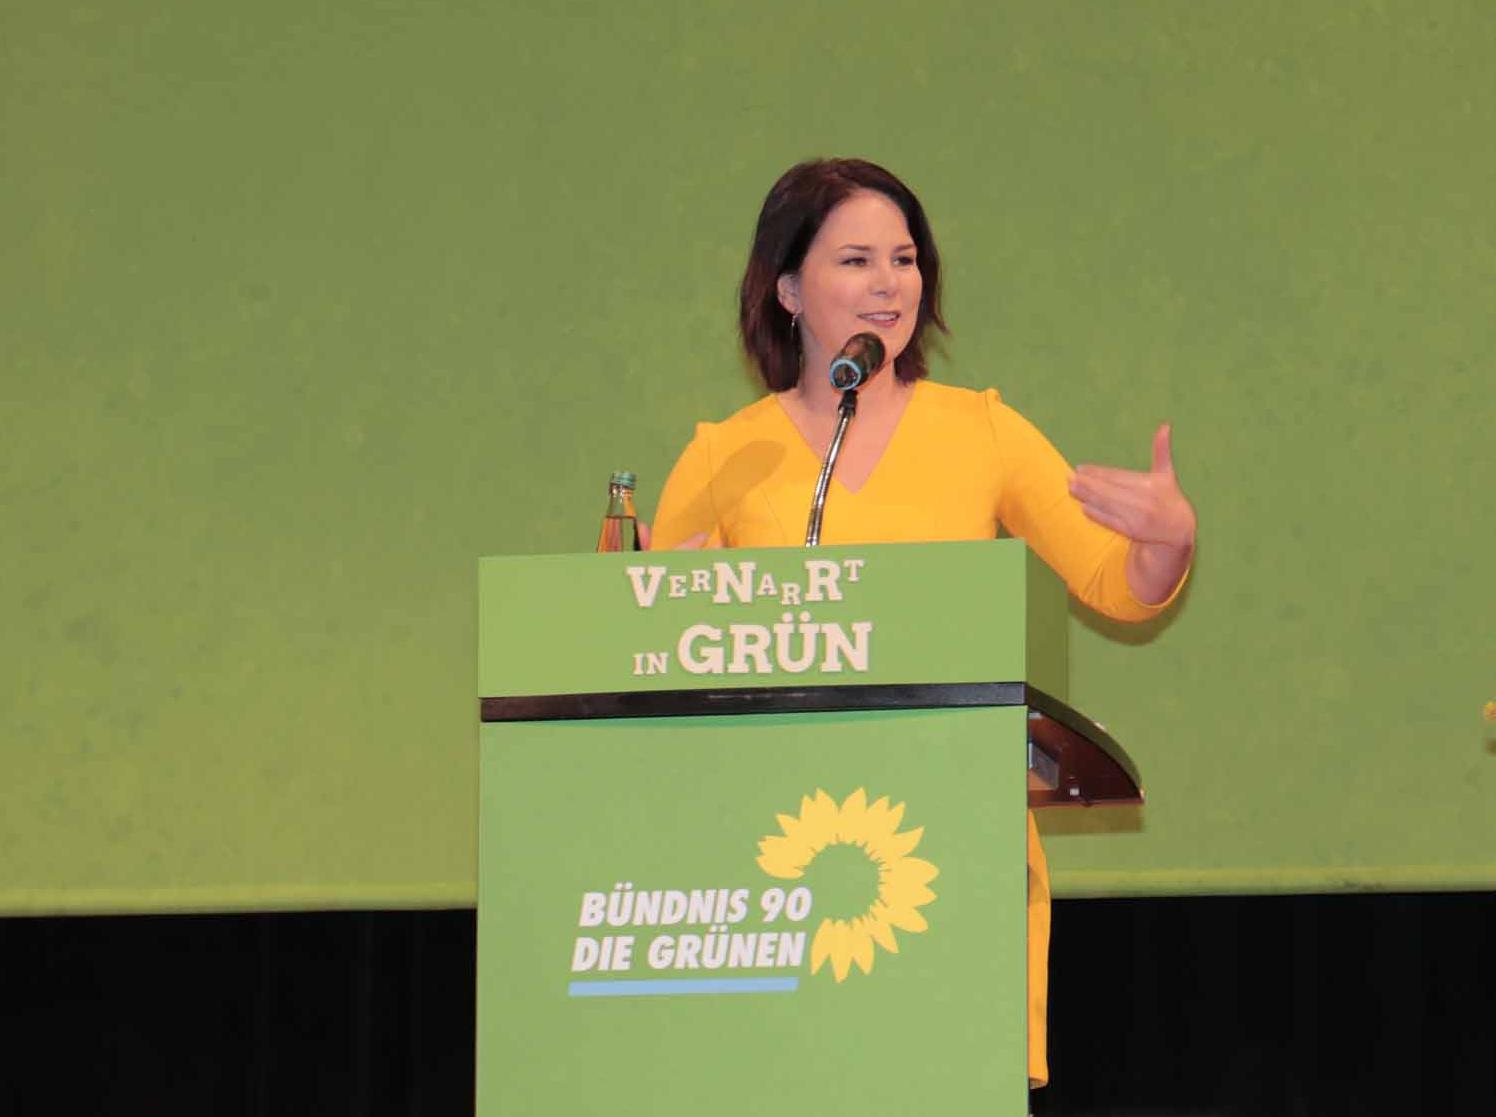 Bundestagswahl mit Annalena Baerbock als Grüner Kanzlerkandidatin